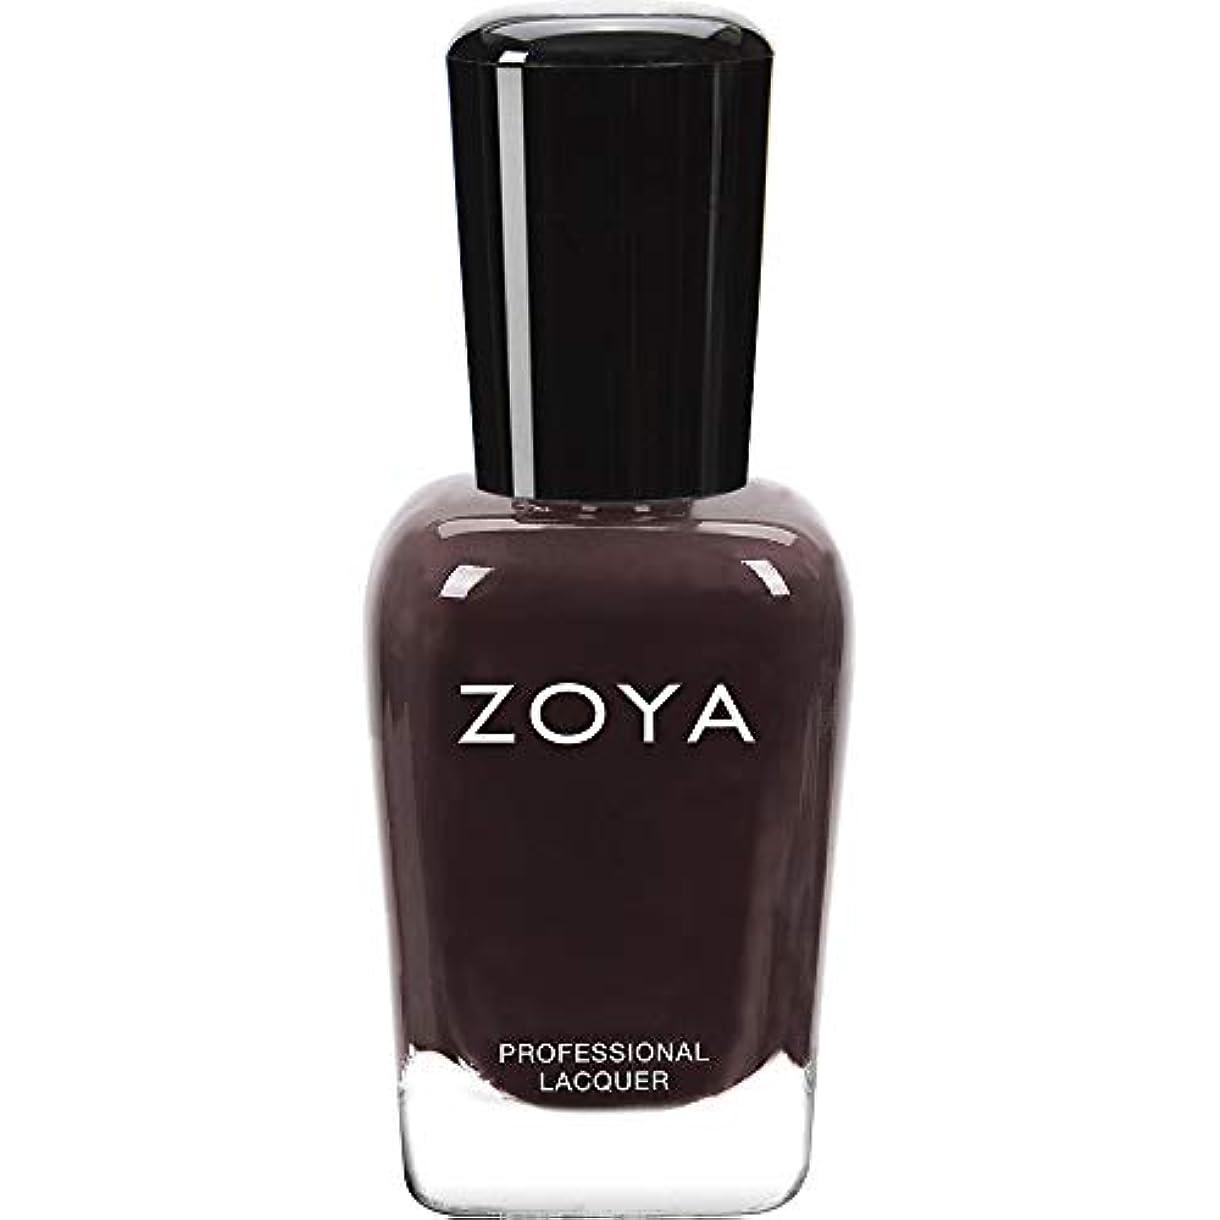 刺繍ステンレス城ZOYA ゾーヤ ネイルカラー ZP912 ELAINE エレイン 15ml マット 爪にやさしいネイルラッカーマニキュア